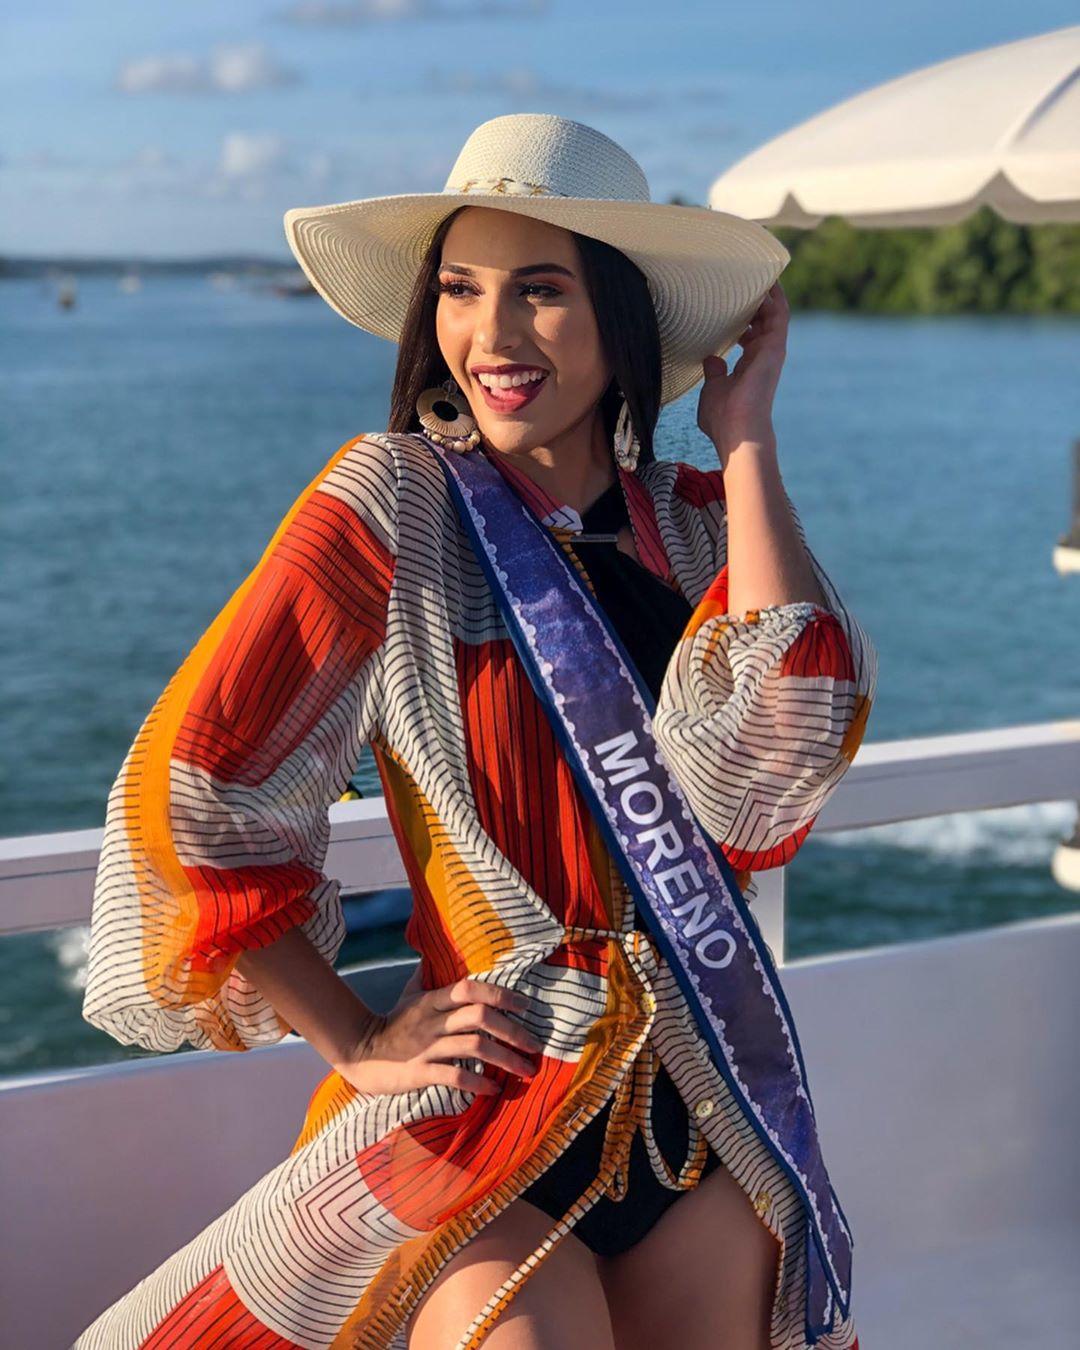 guilhermina montarroyos lira, miss pernambuco mundo 2020. 89602210